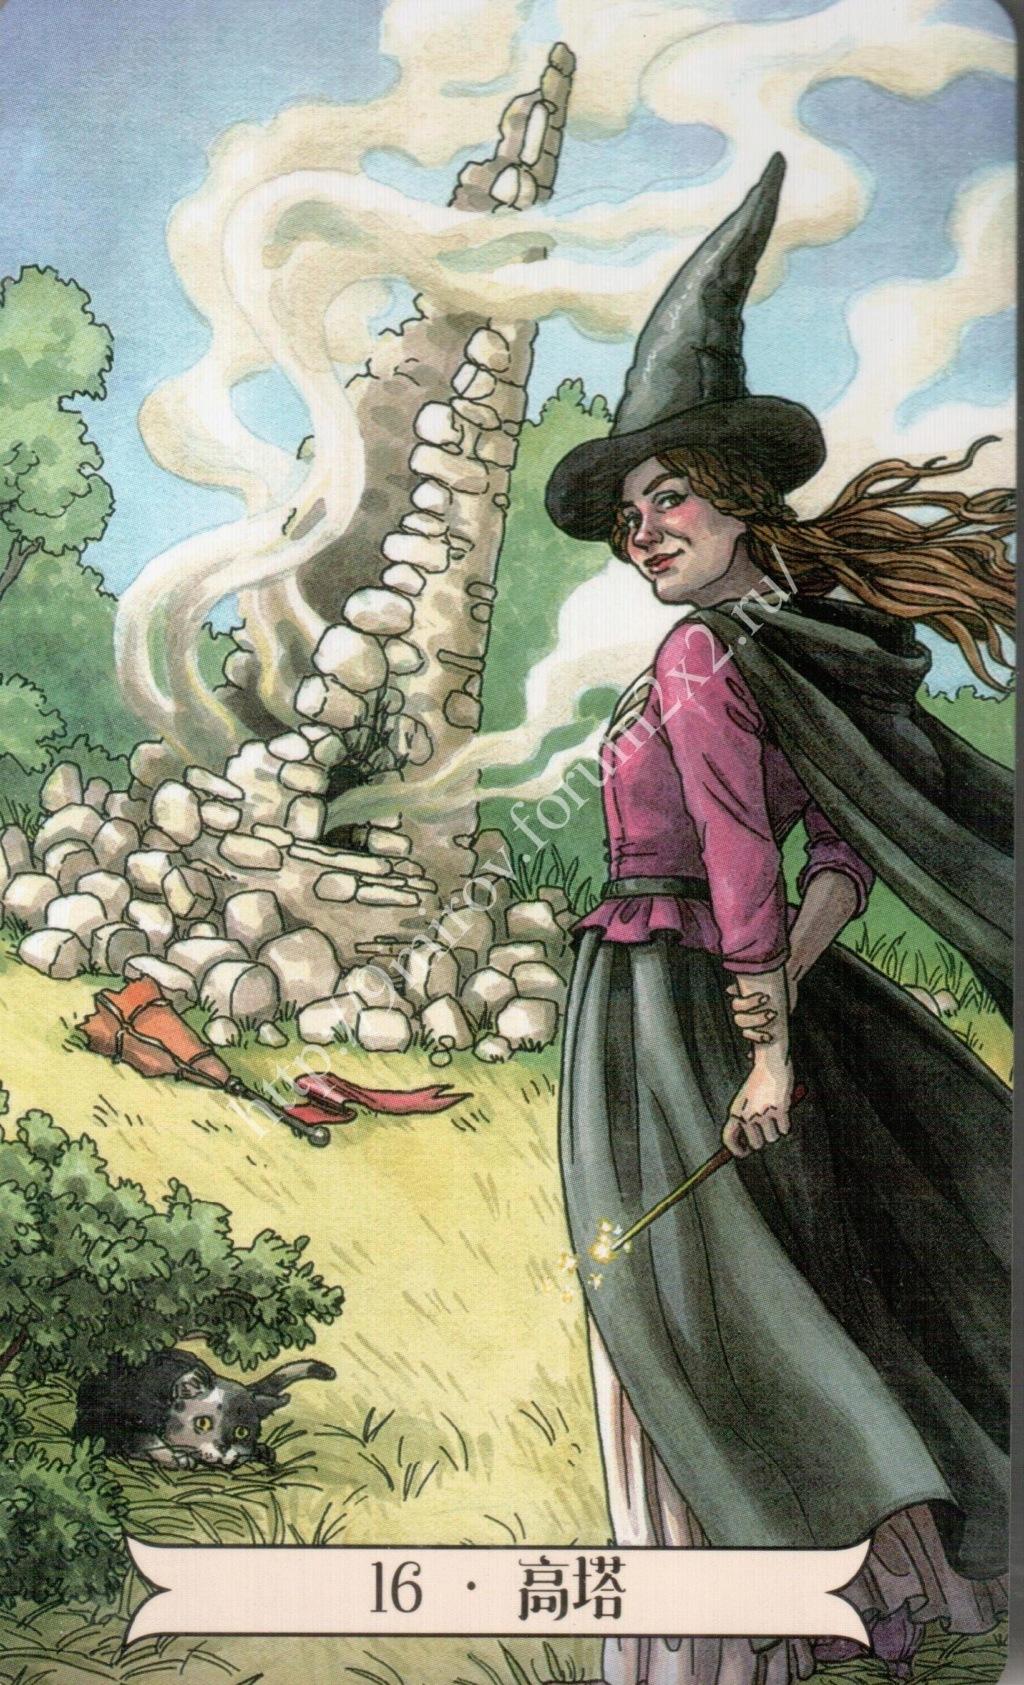 """""""Ведьма каждый день"""" (Ведьма день за днем, Everyday Witch Tarot). Китайская версия. Галерея.   Waterm84"""